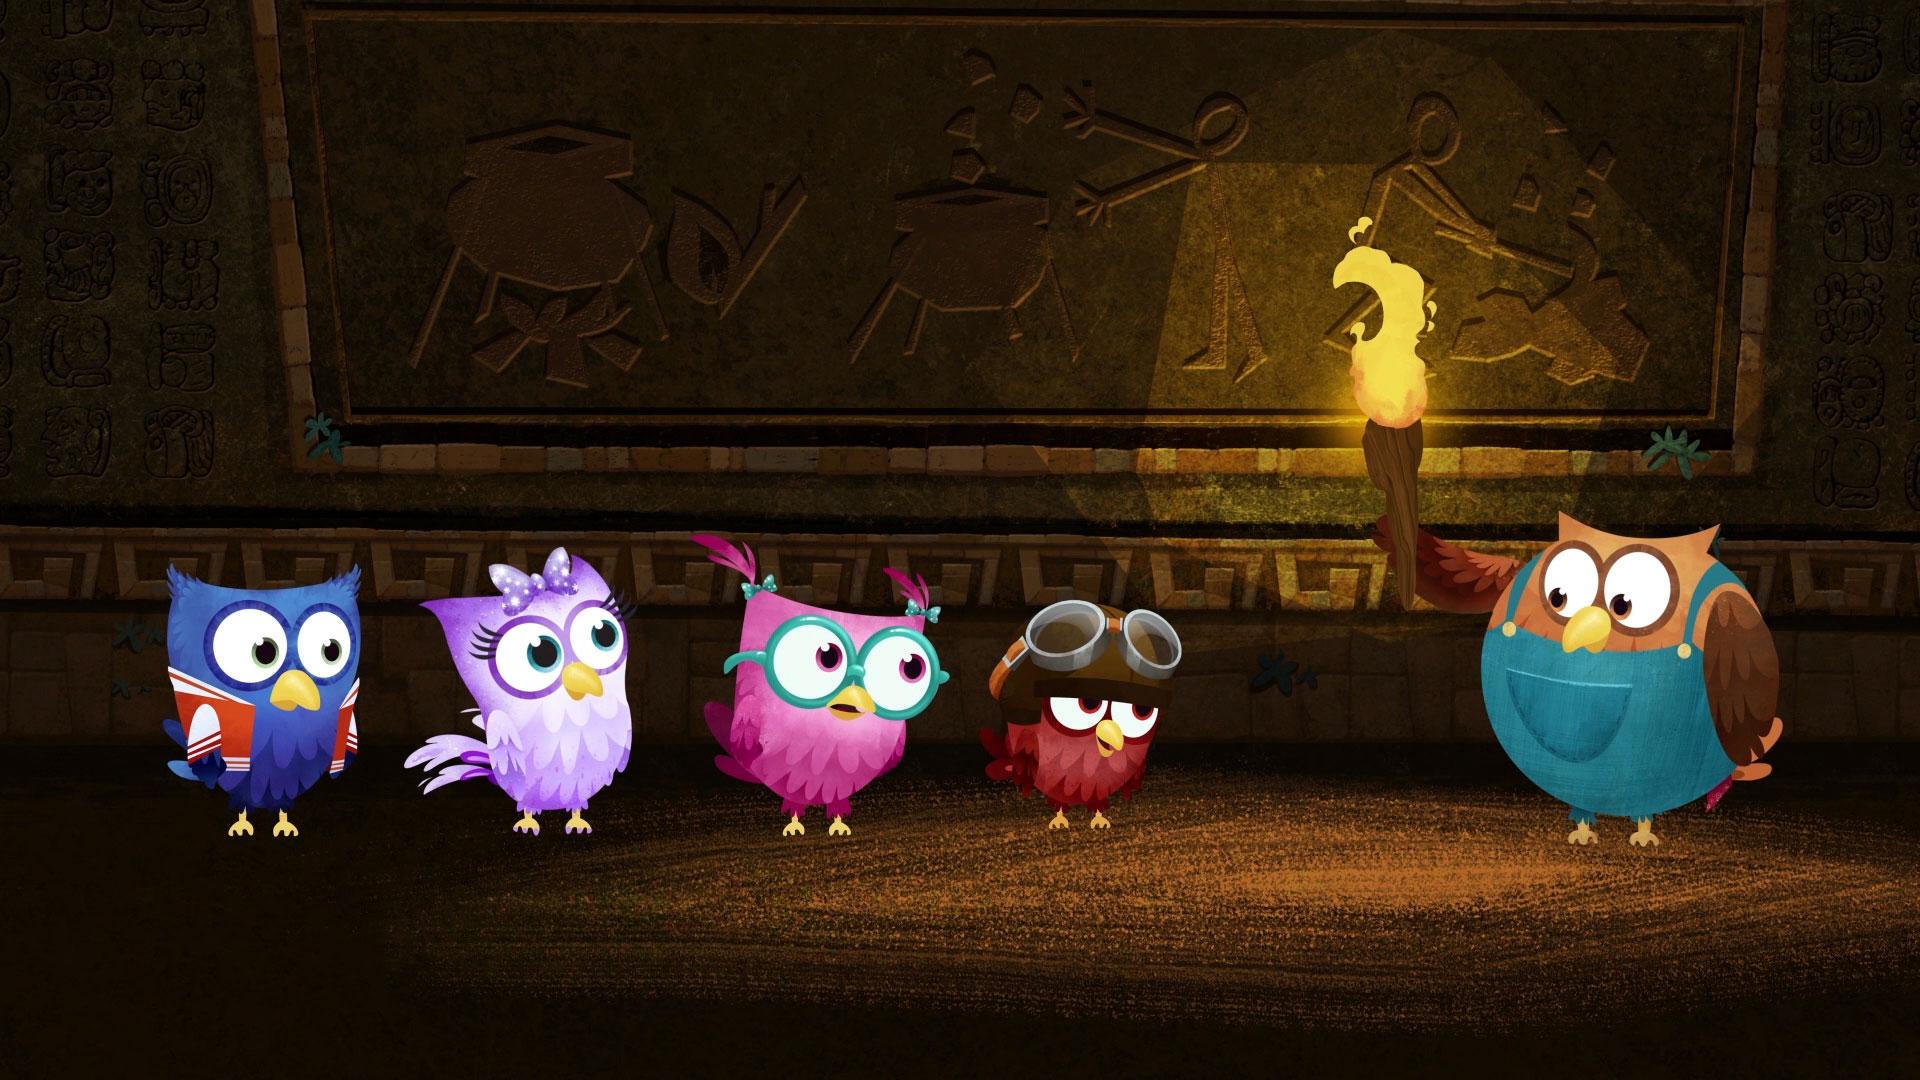 Owlegories seasons preview image